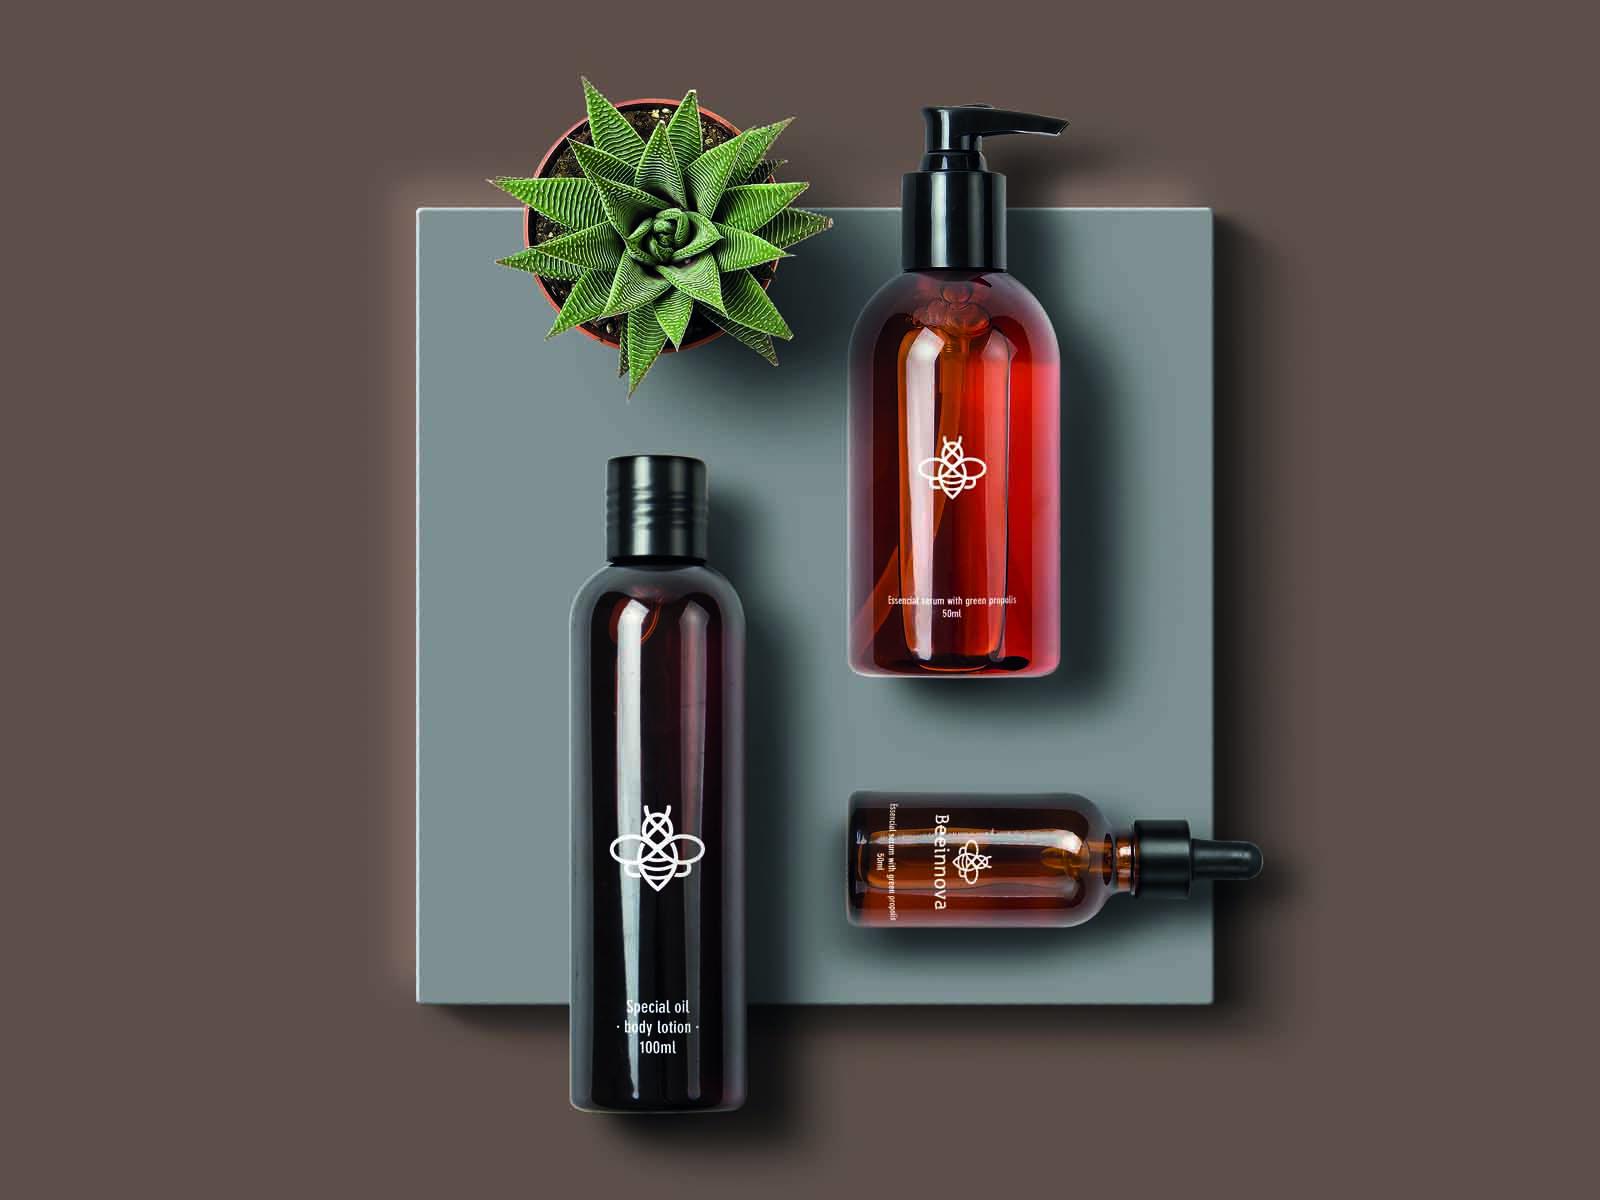 diseño de packaging, cosmeticos, diseño de etiquetas, aplicación de la marca en productos cosméticos